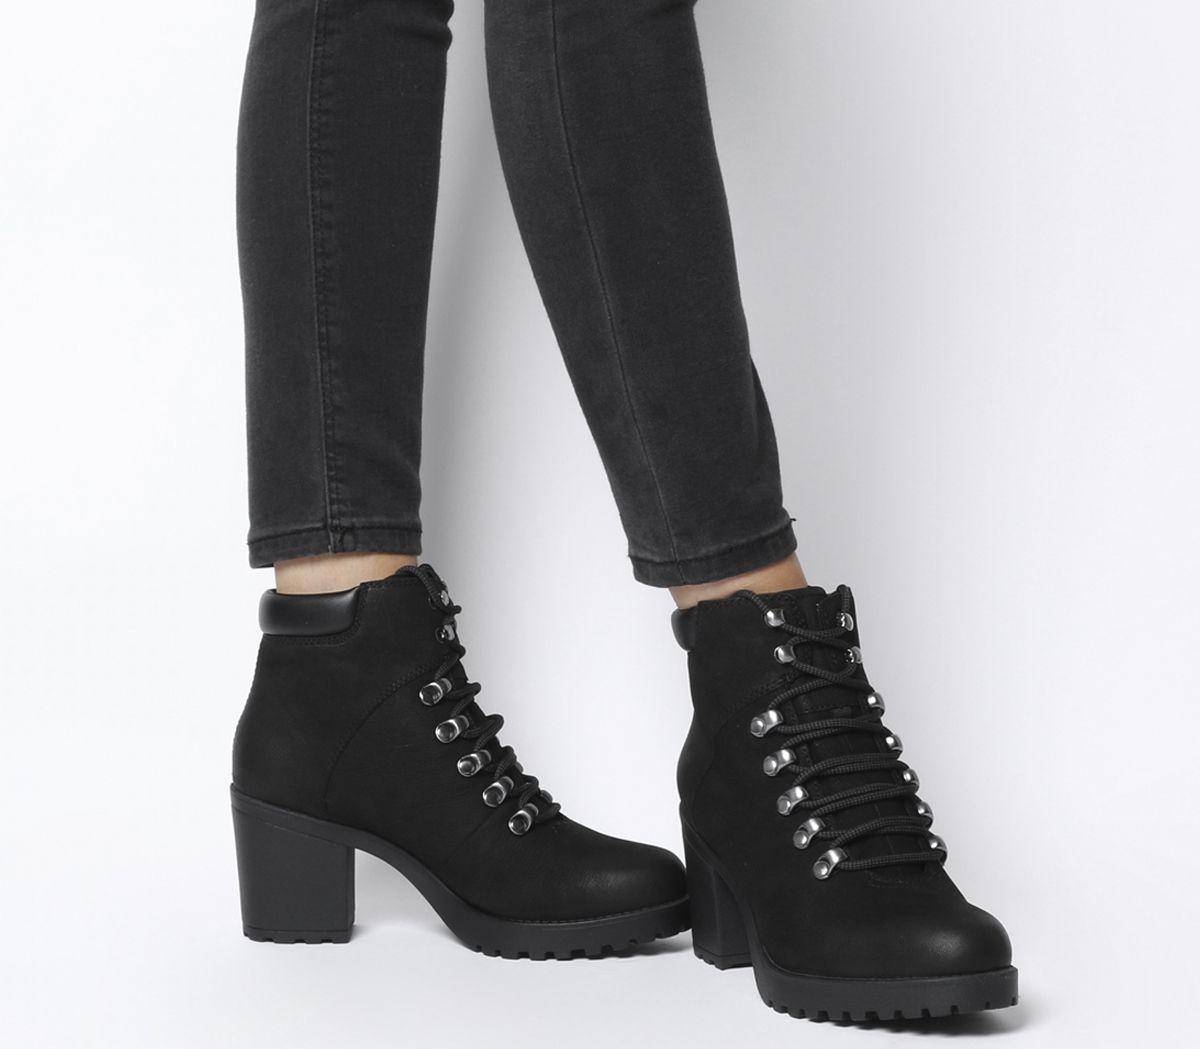 948aacea52987c Vagabond Grace Lace Heel Block Boots Black Nubuck - Ankle Boots